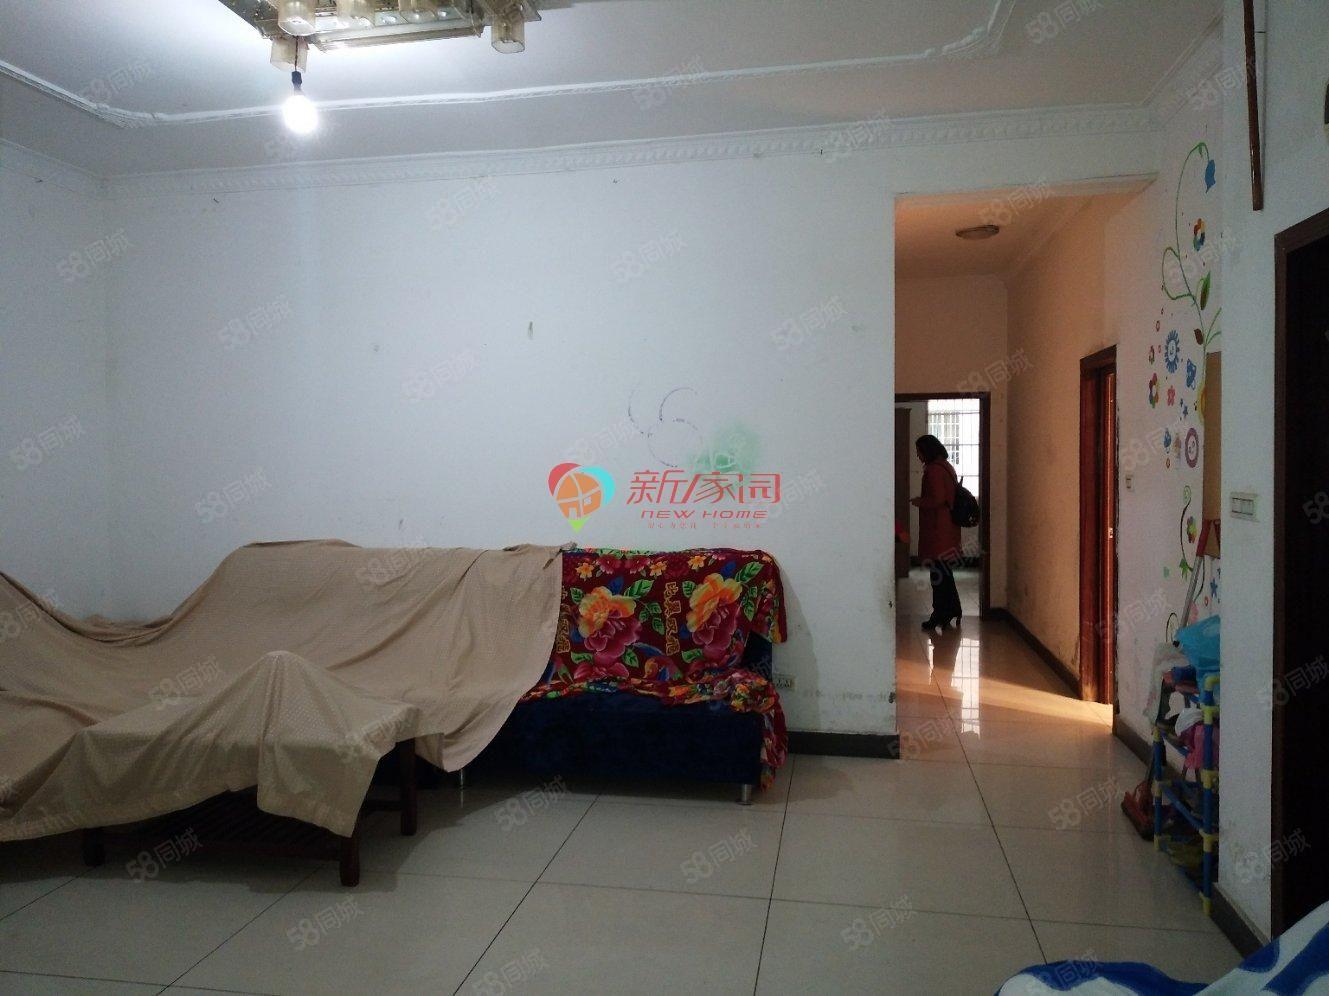 《新家园房产》金滩韩家平3室2厅2卫带部分家电出租